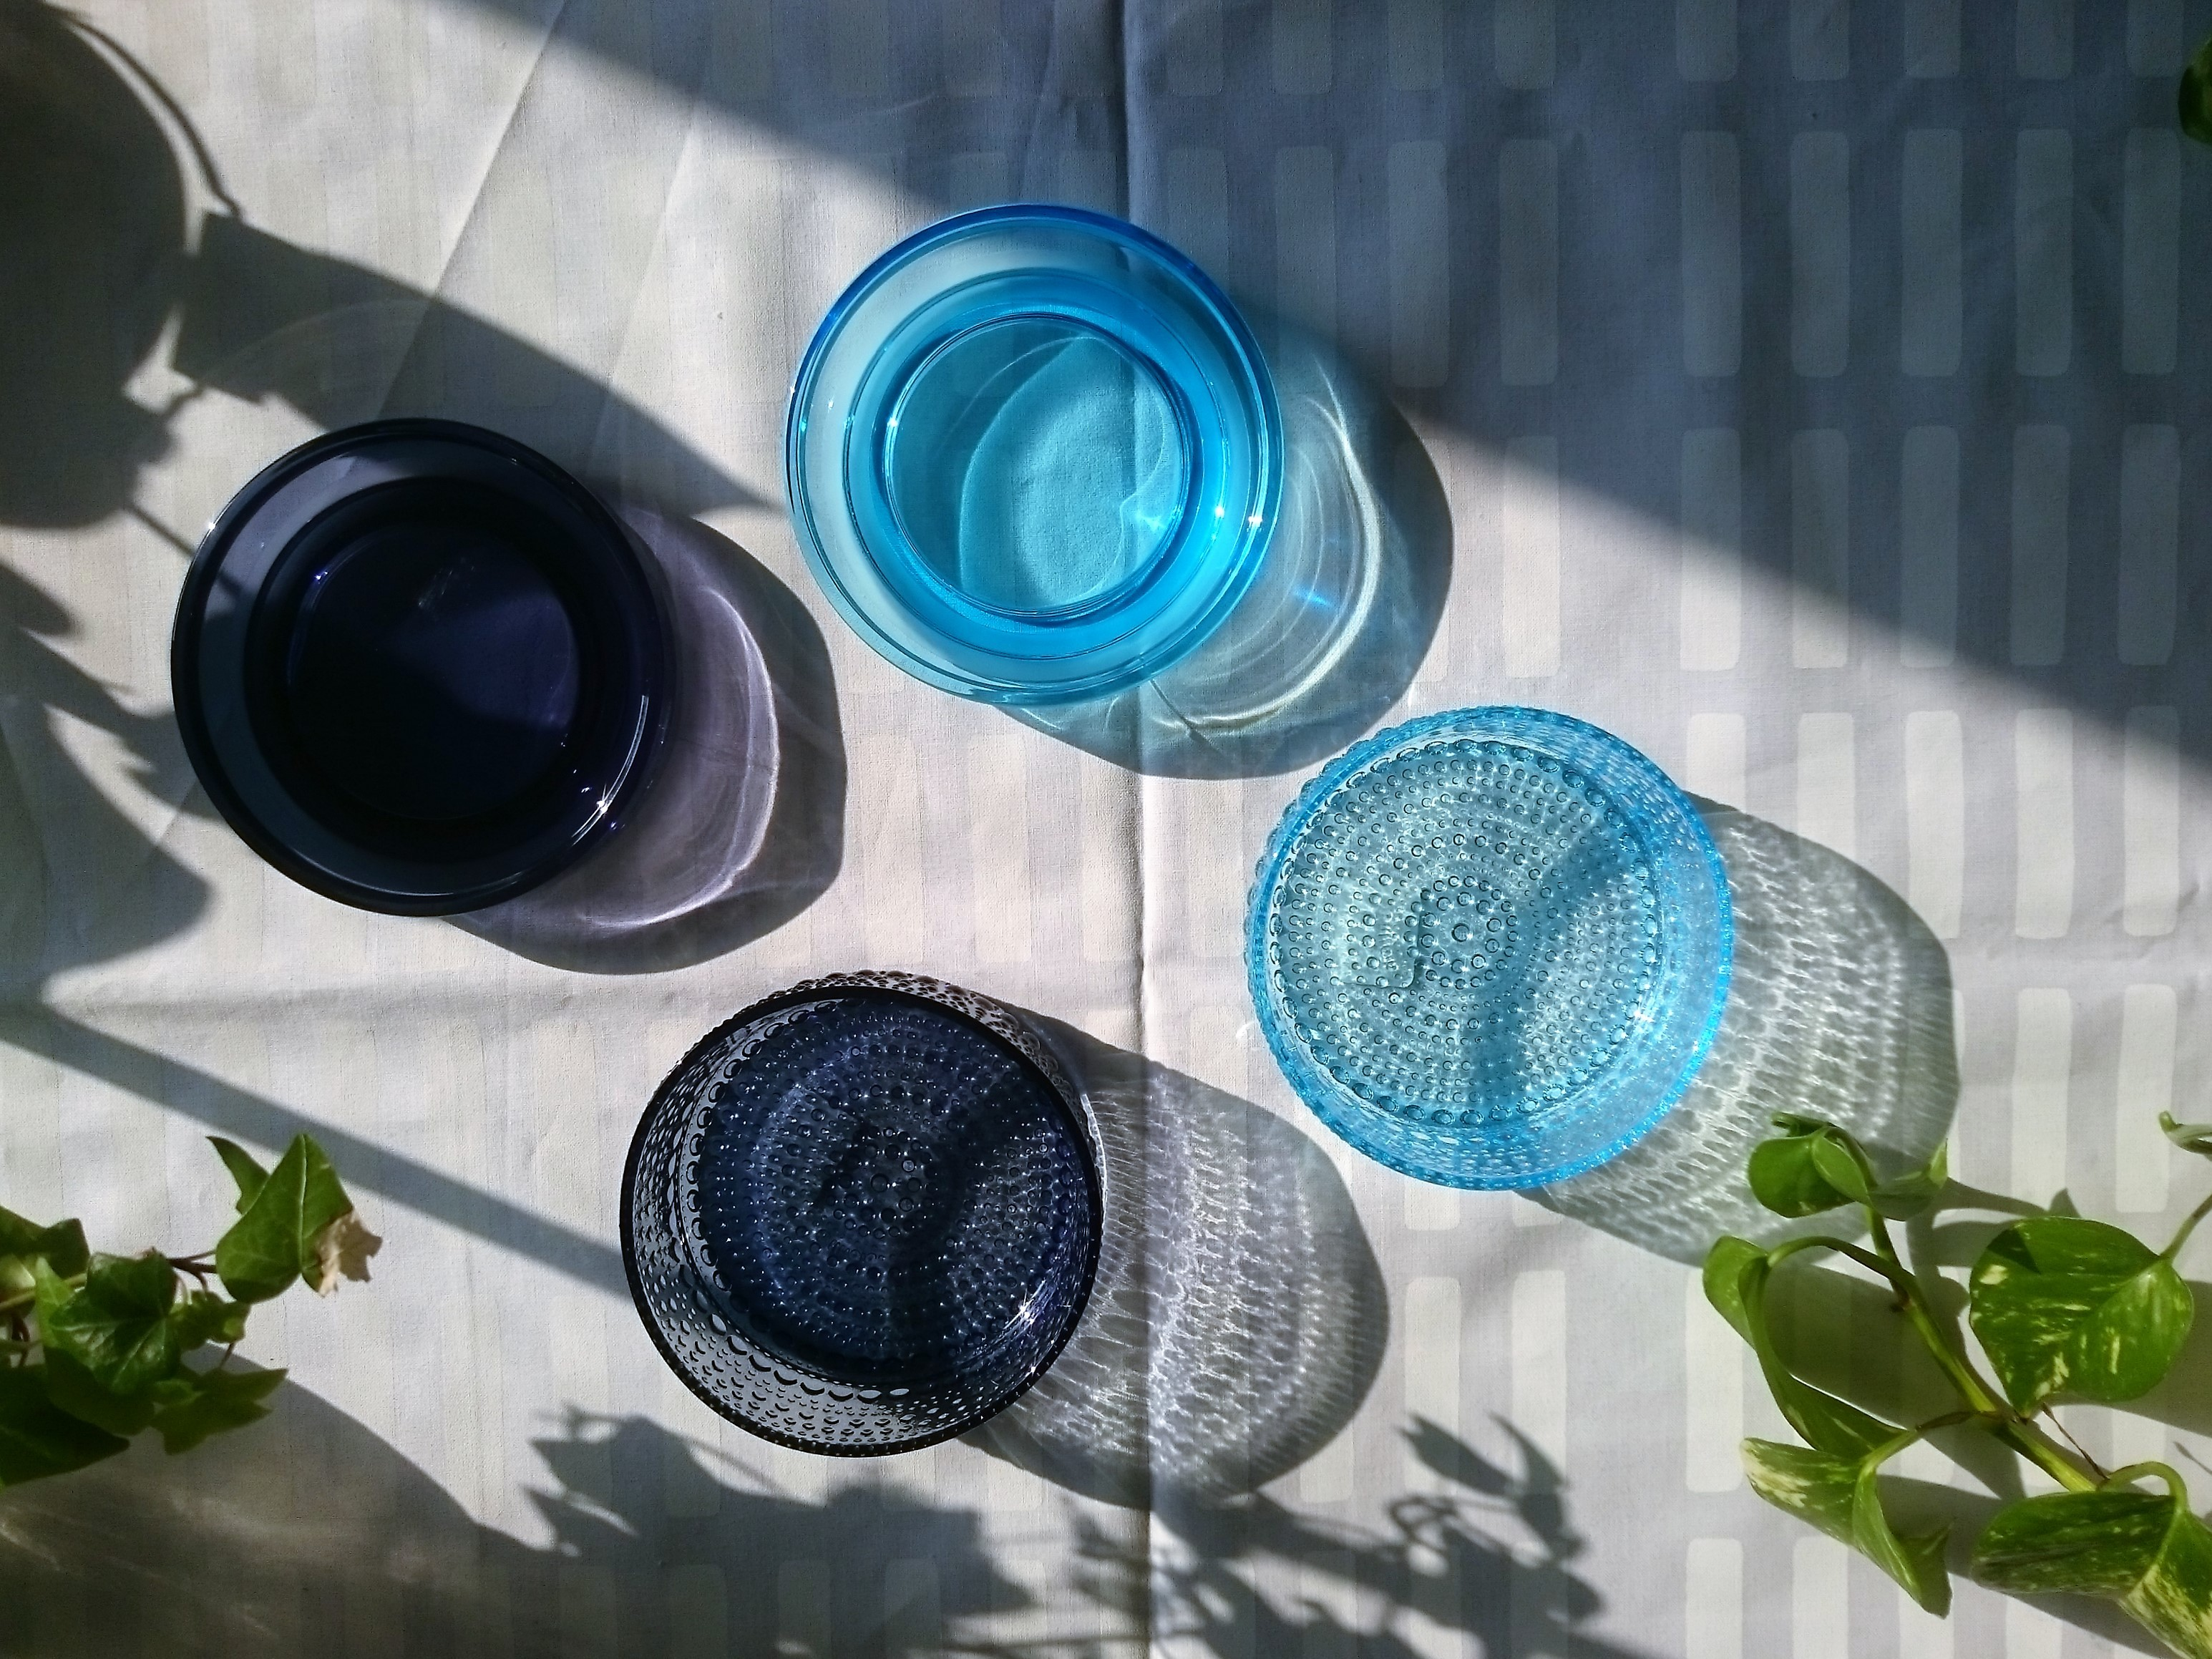 ジャー / カステヘルミ / ライトブルー / 116×57mm